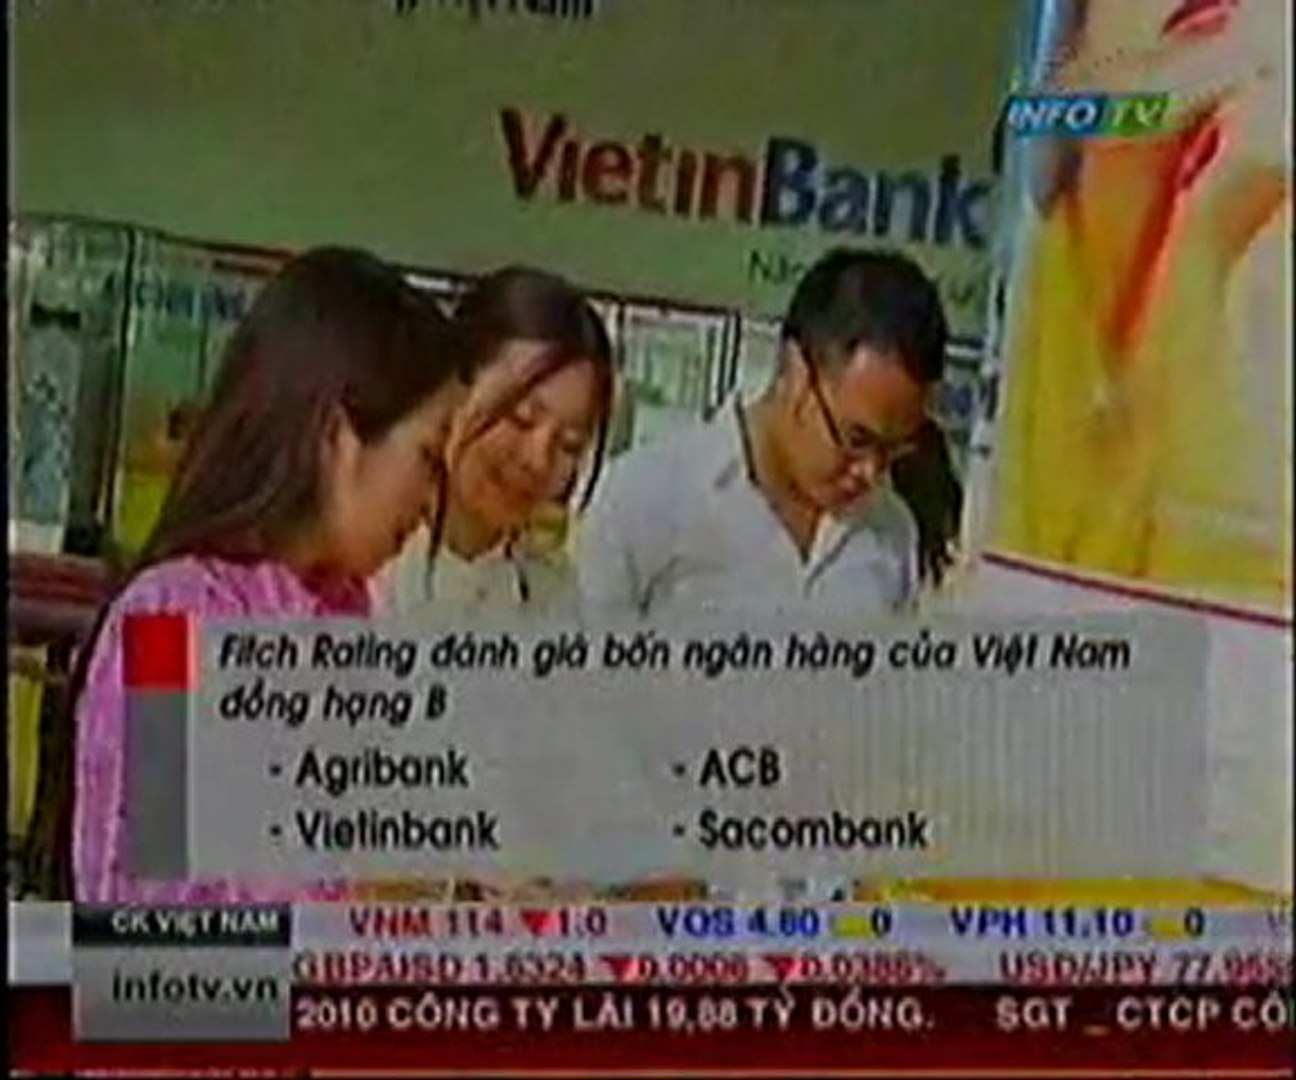 Fitch Rating đánh giá 4 ngân hàng của Việt Nam đồng hạng B